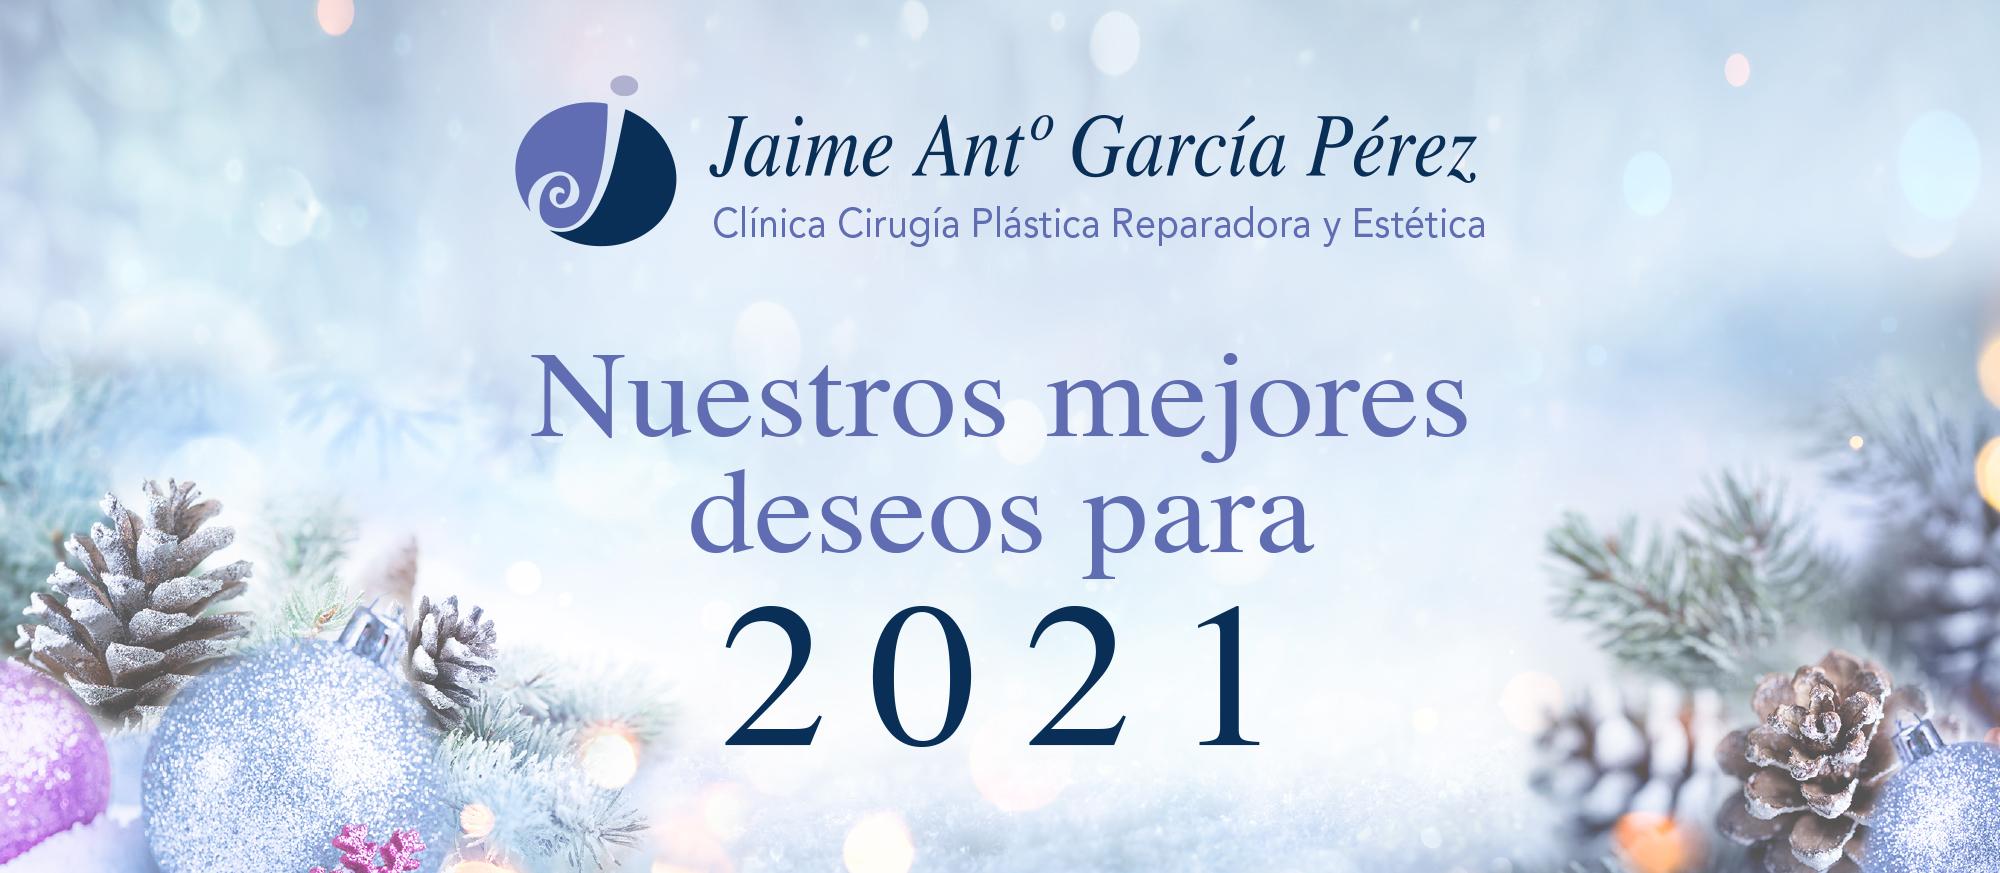 Doctor Jaime García: Os deseo toda la felicidad y salud para poder disfrutar estos días con vuestra familia y seres queridos.